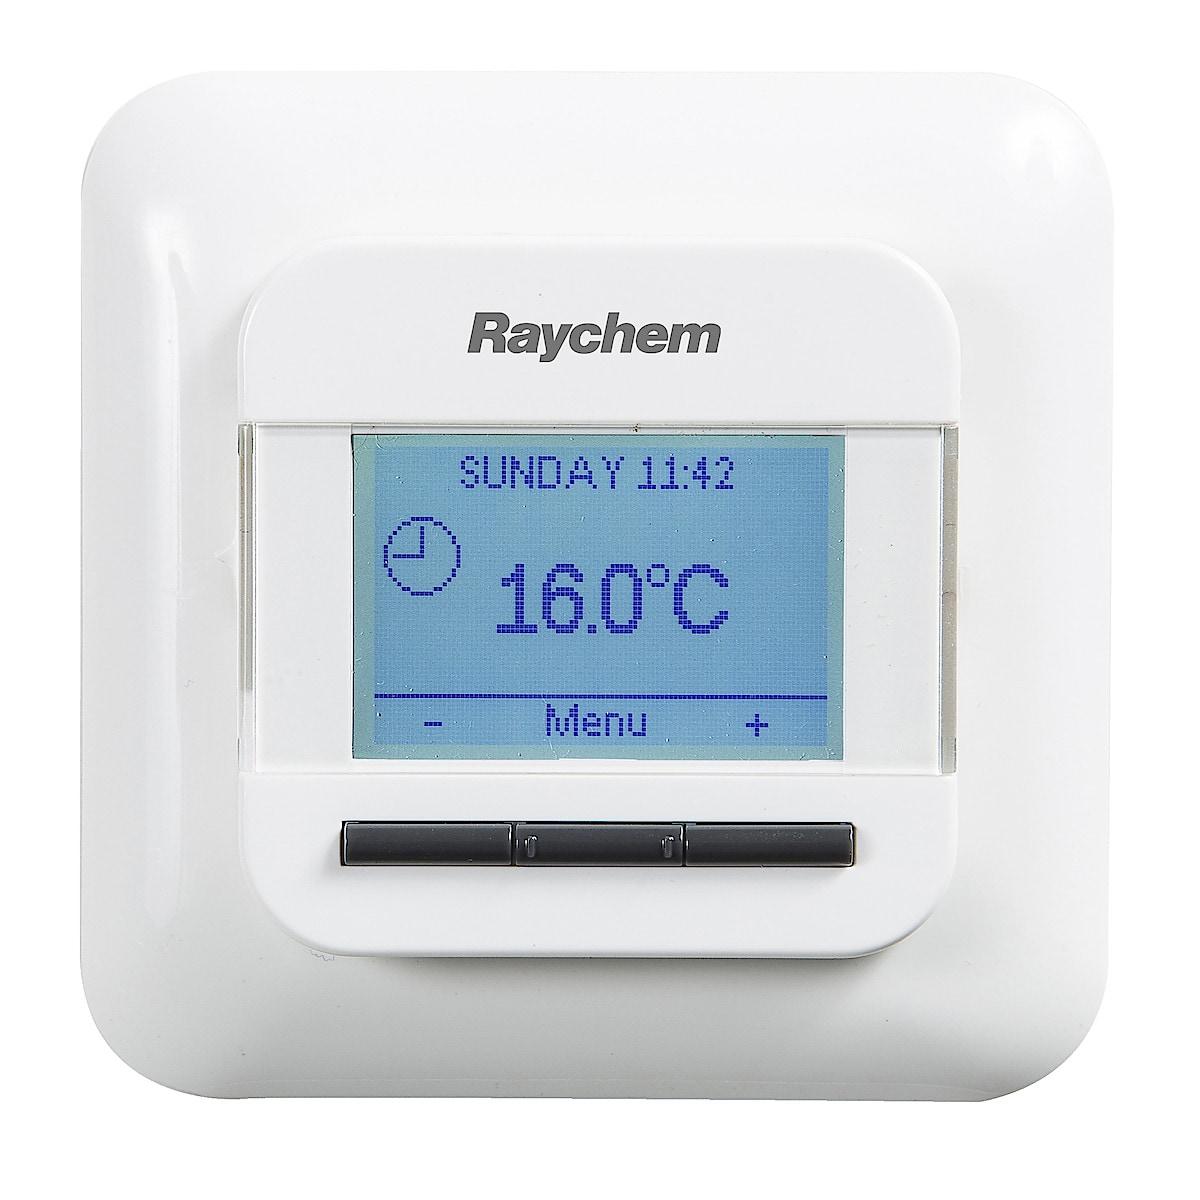 Golvvärmetermostat Raychem NRG-DM